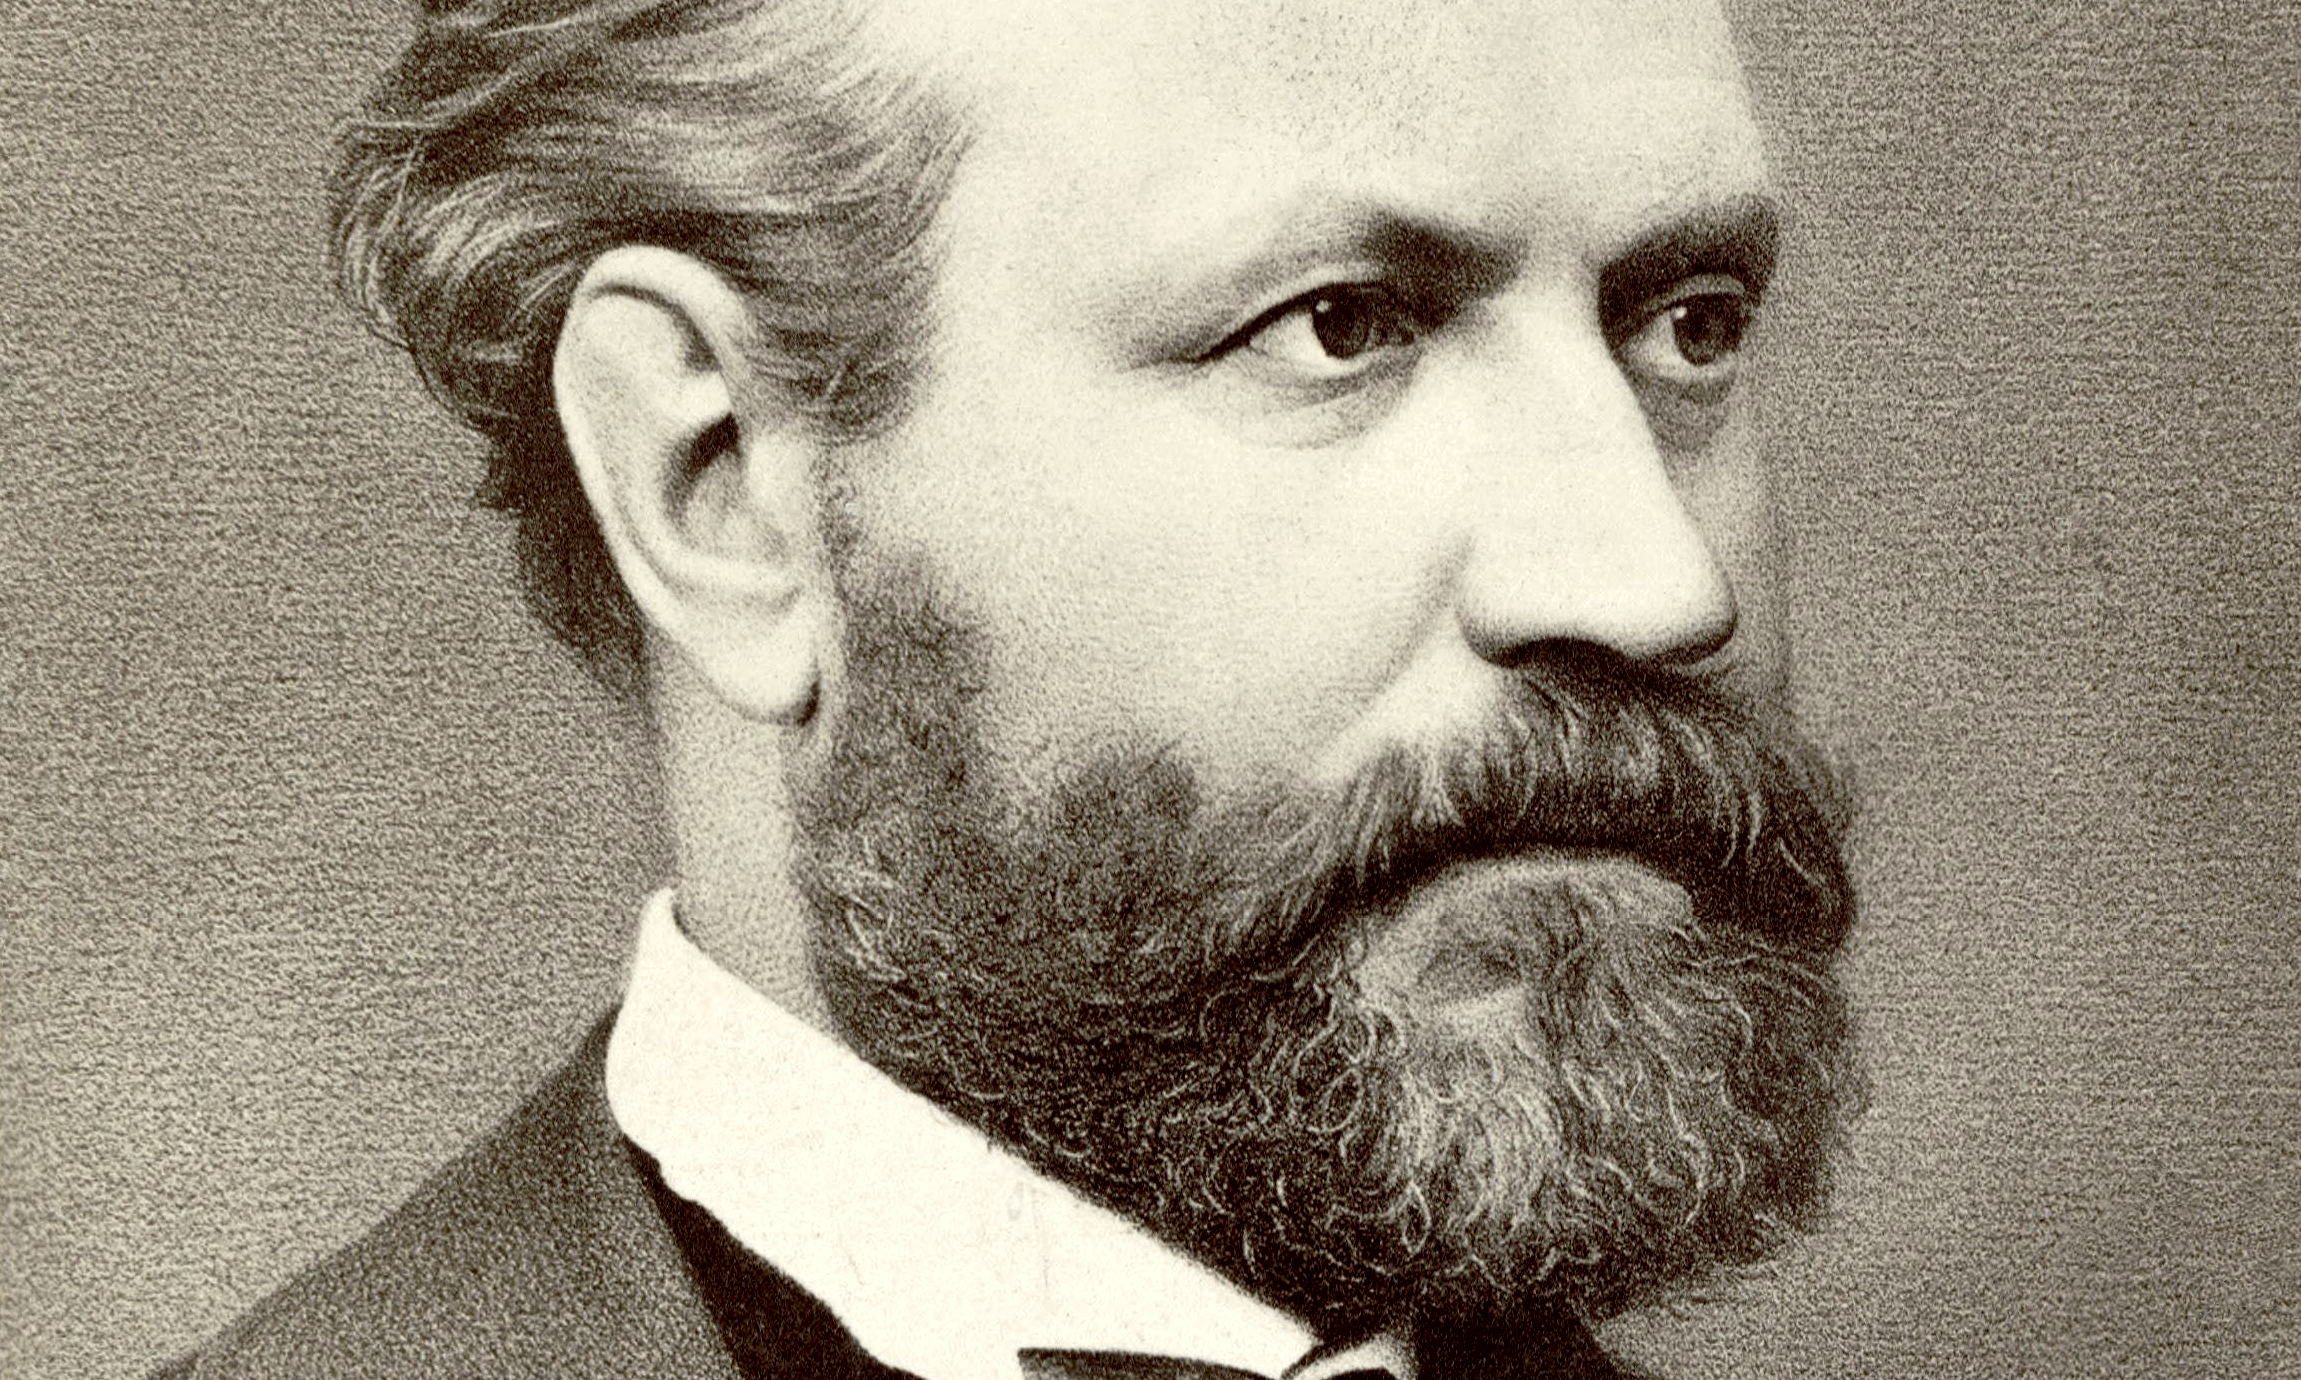 Messe Solenelle de Sainte Cécile – Ch. Gounod